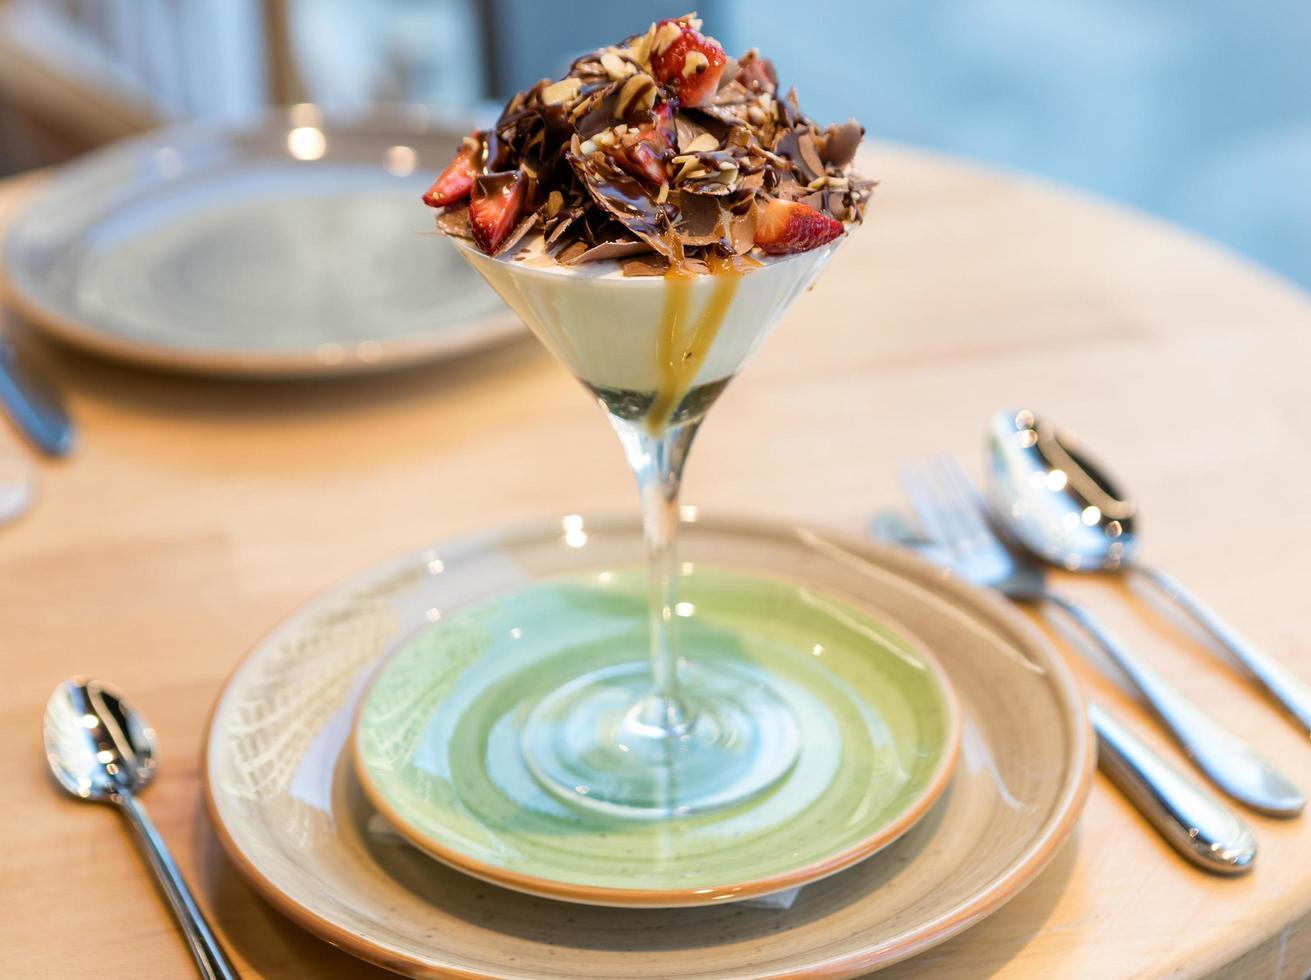 sabroso helado de chocolate en el vaso foto